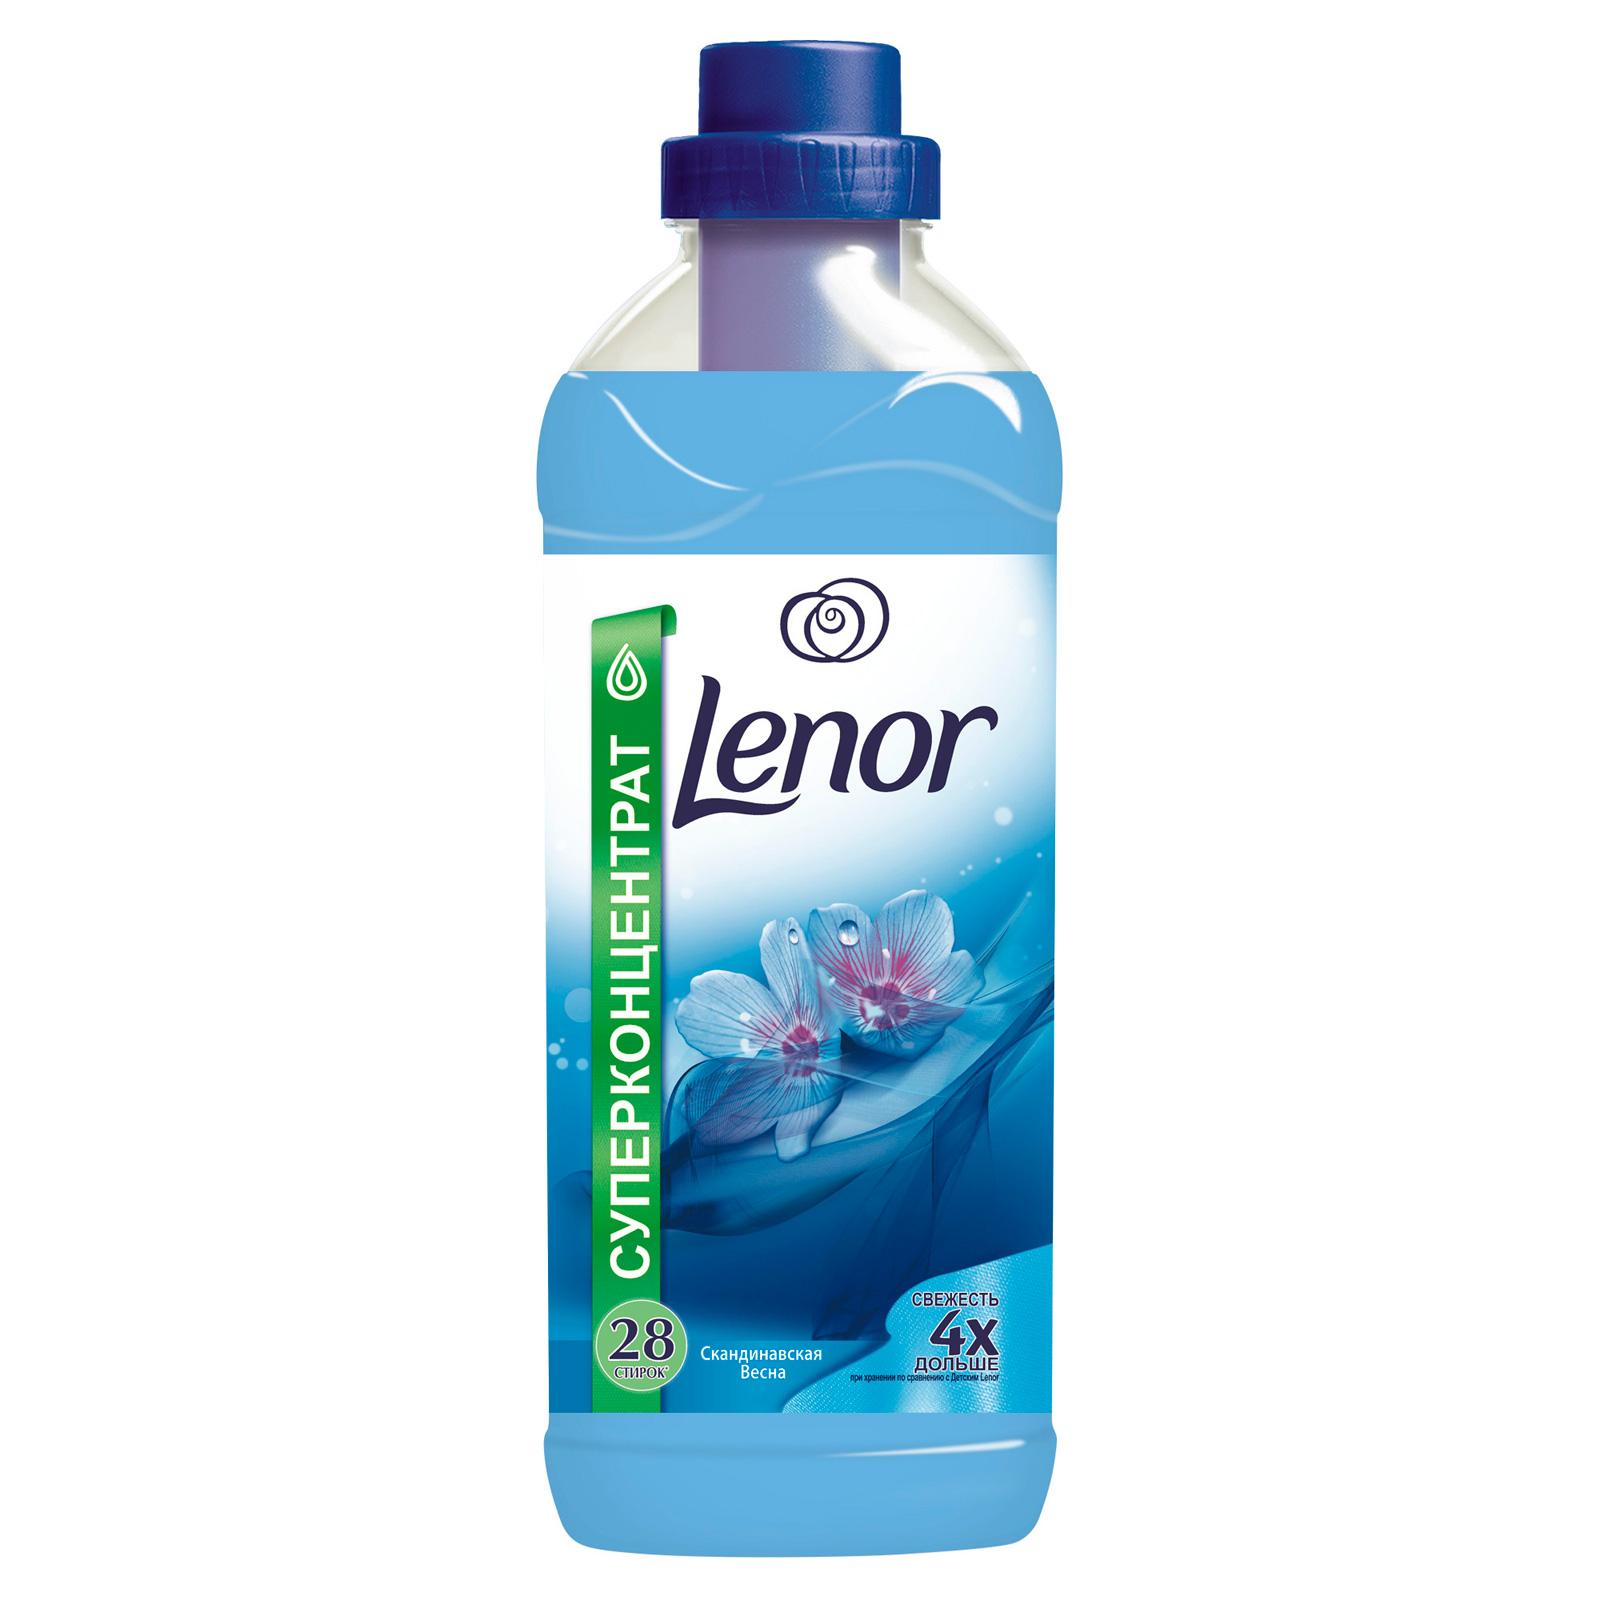 Кондиционер для белья Lenor 1 л Скандинавская Весна 1л (28стирок)<br>